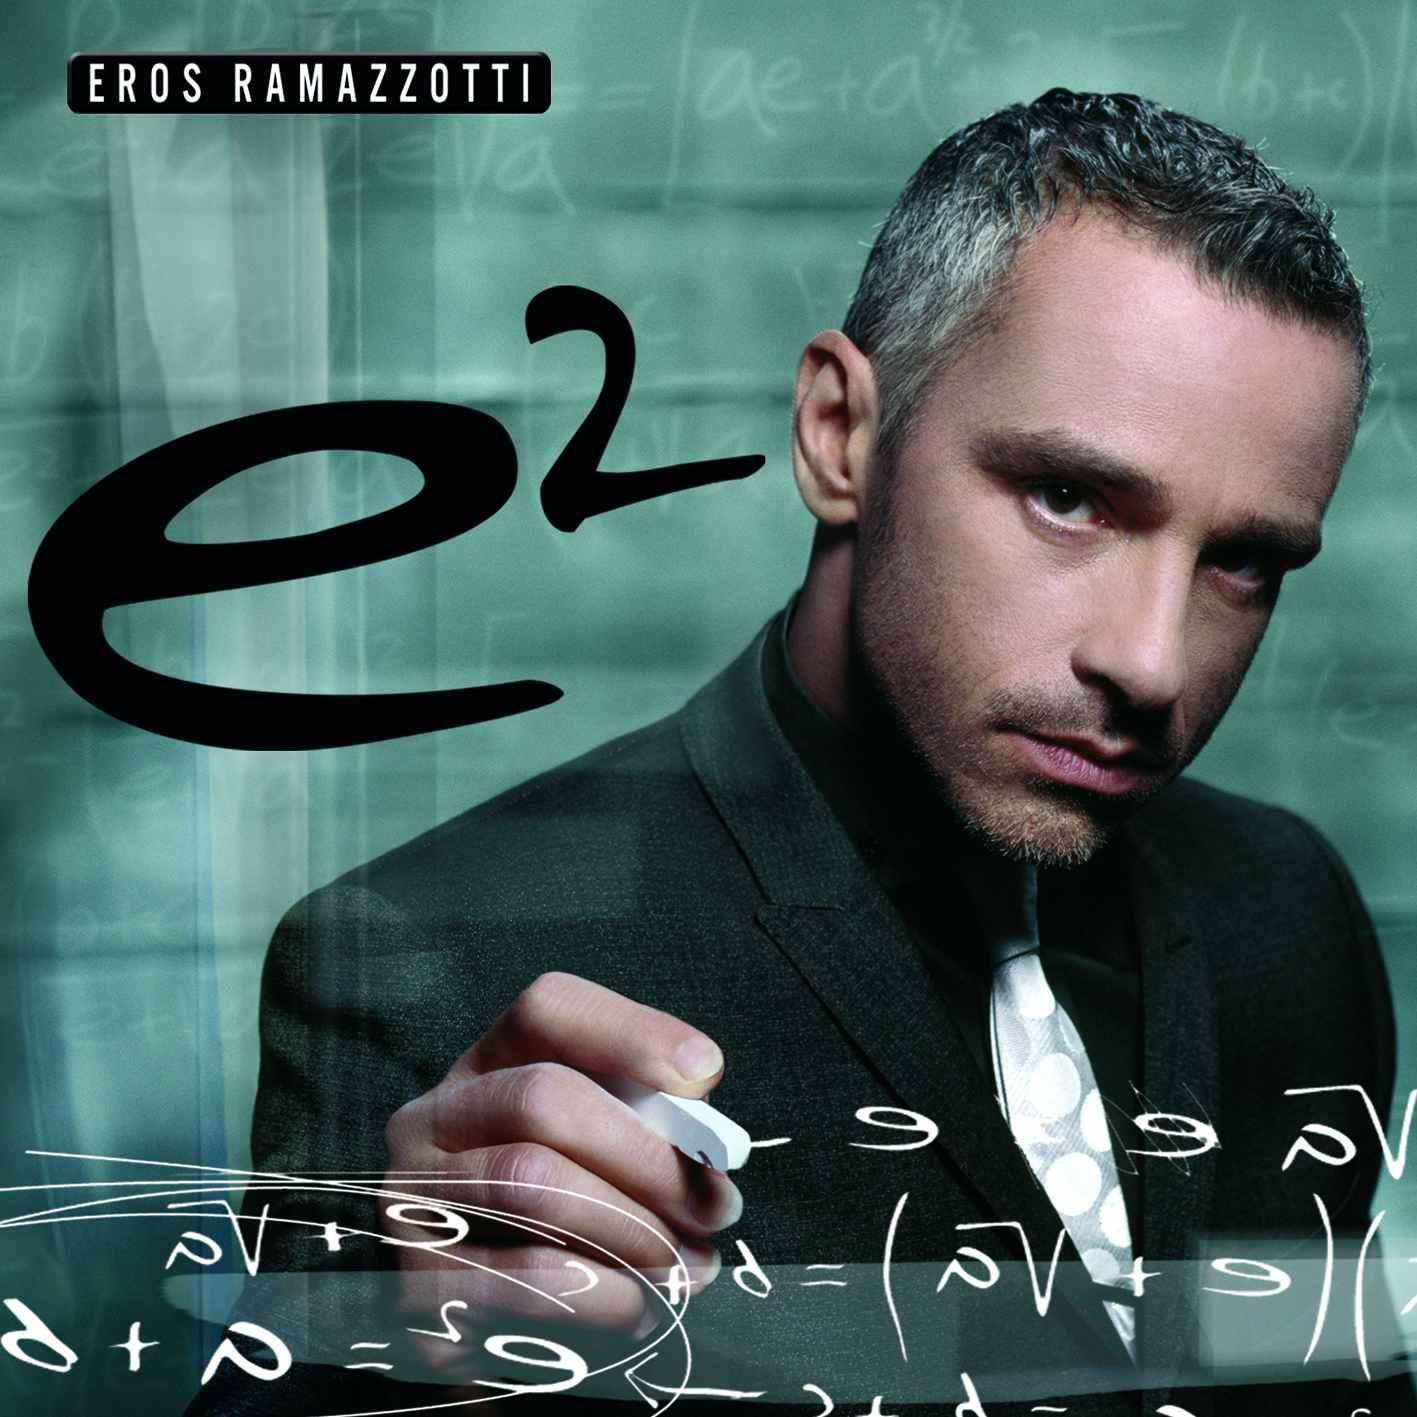 http://4.bp.blogspot.com/-LtUzi4U3jfU/T7hLxtVzX6I/AAAAAAAAGYQ/8tLiPv-mYJo/s1600/Eros+Ramazzotti+-+e2.jpg